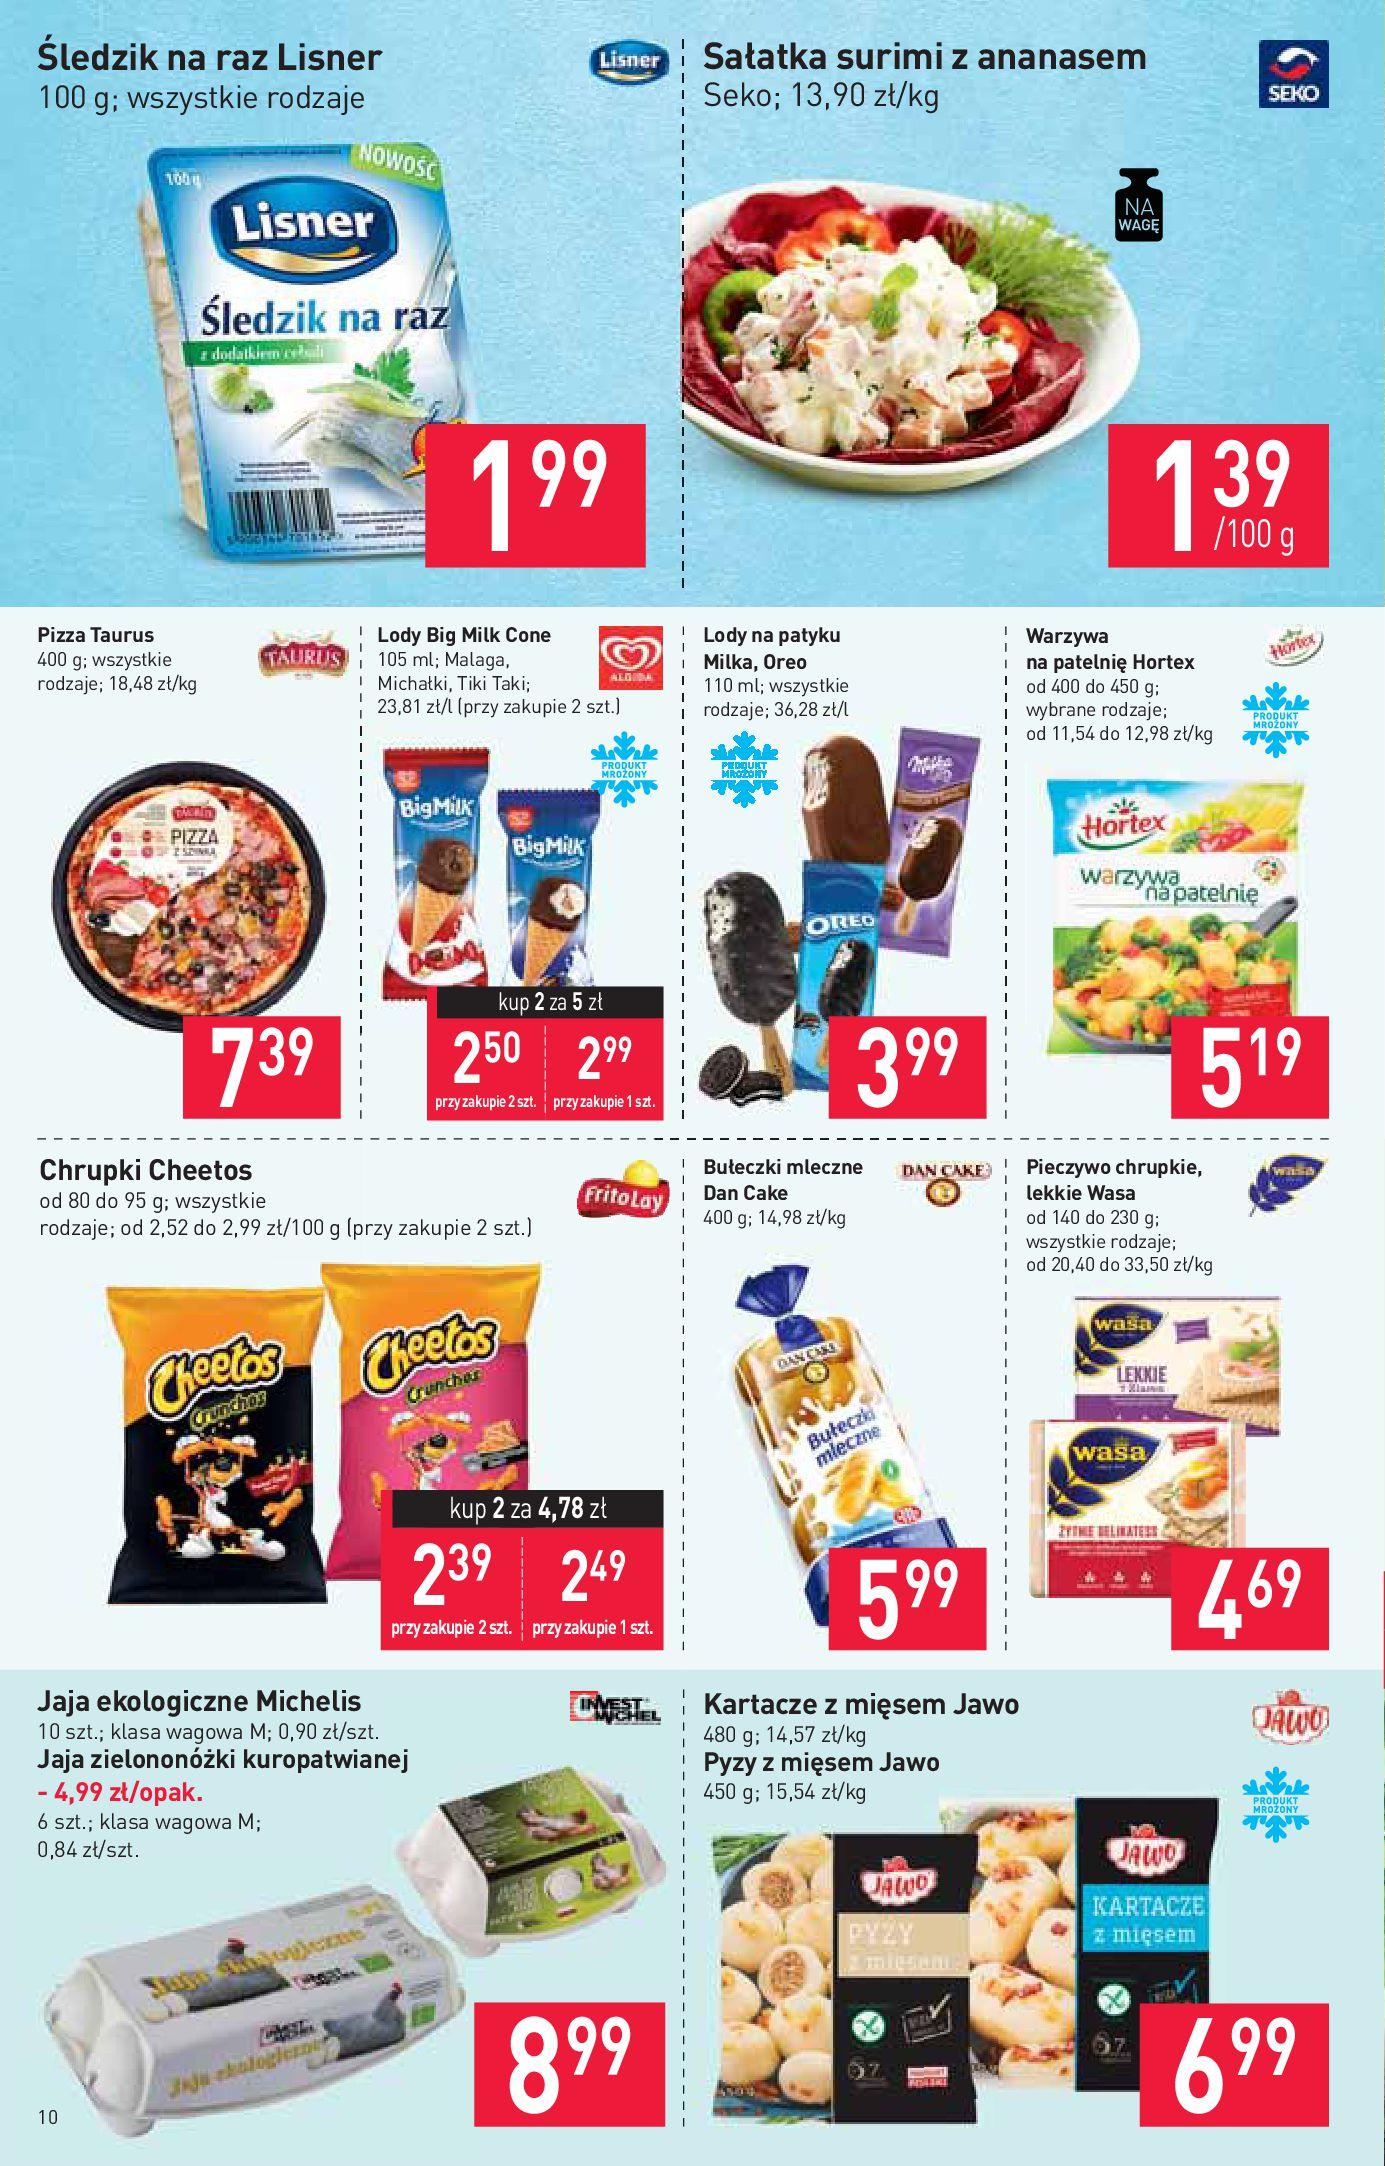 Gazetka Stokrotka Supermarket - Gazetka supermarket-13.08.2019-21.08.2019-page-10